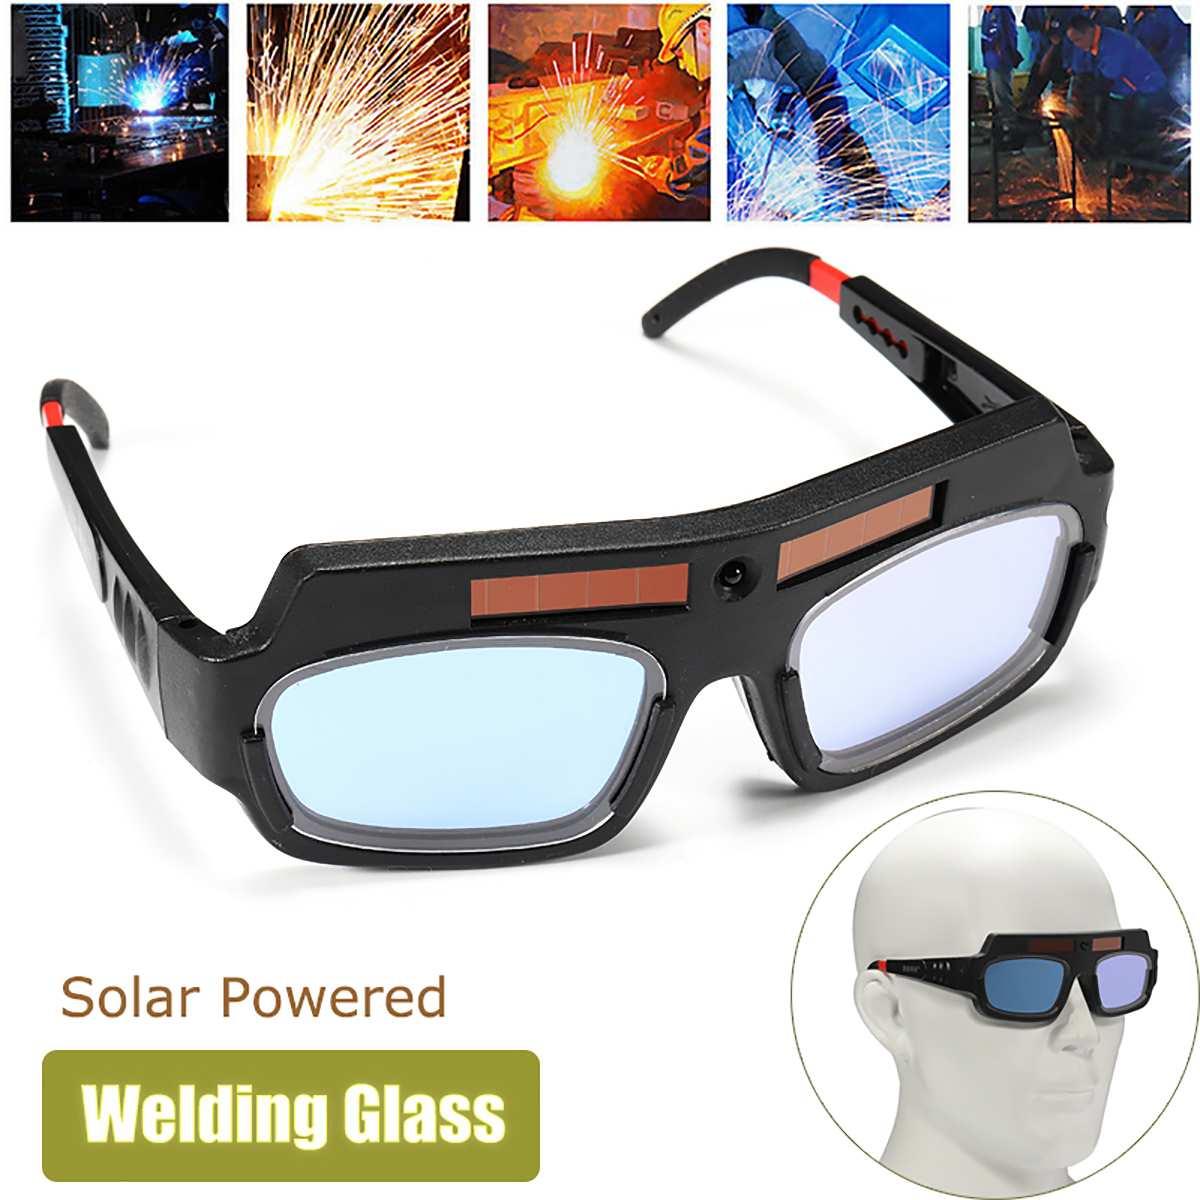 Gafas de casco de soldadura automático con energía Solar lentes de protección para soldar